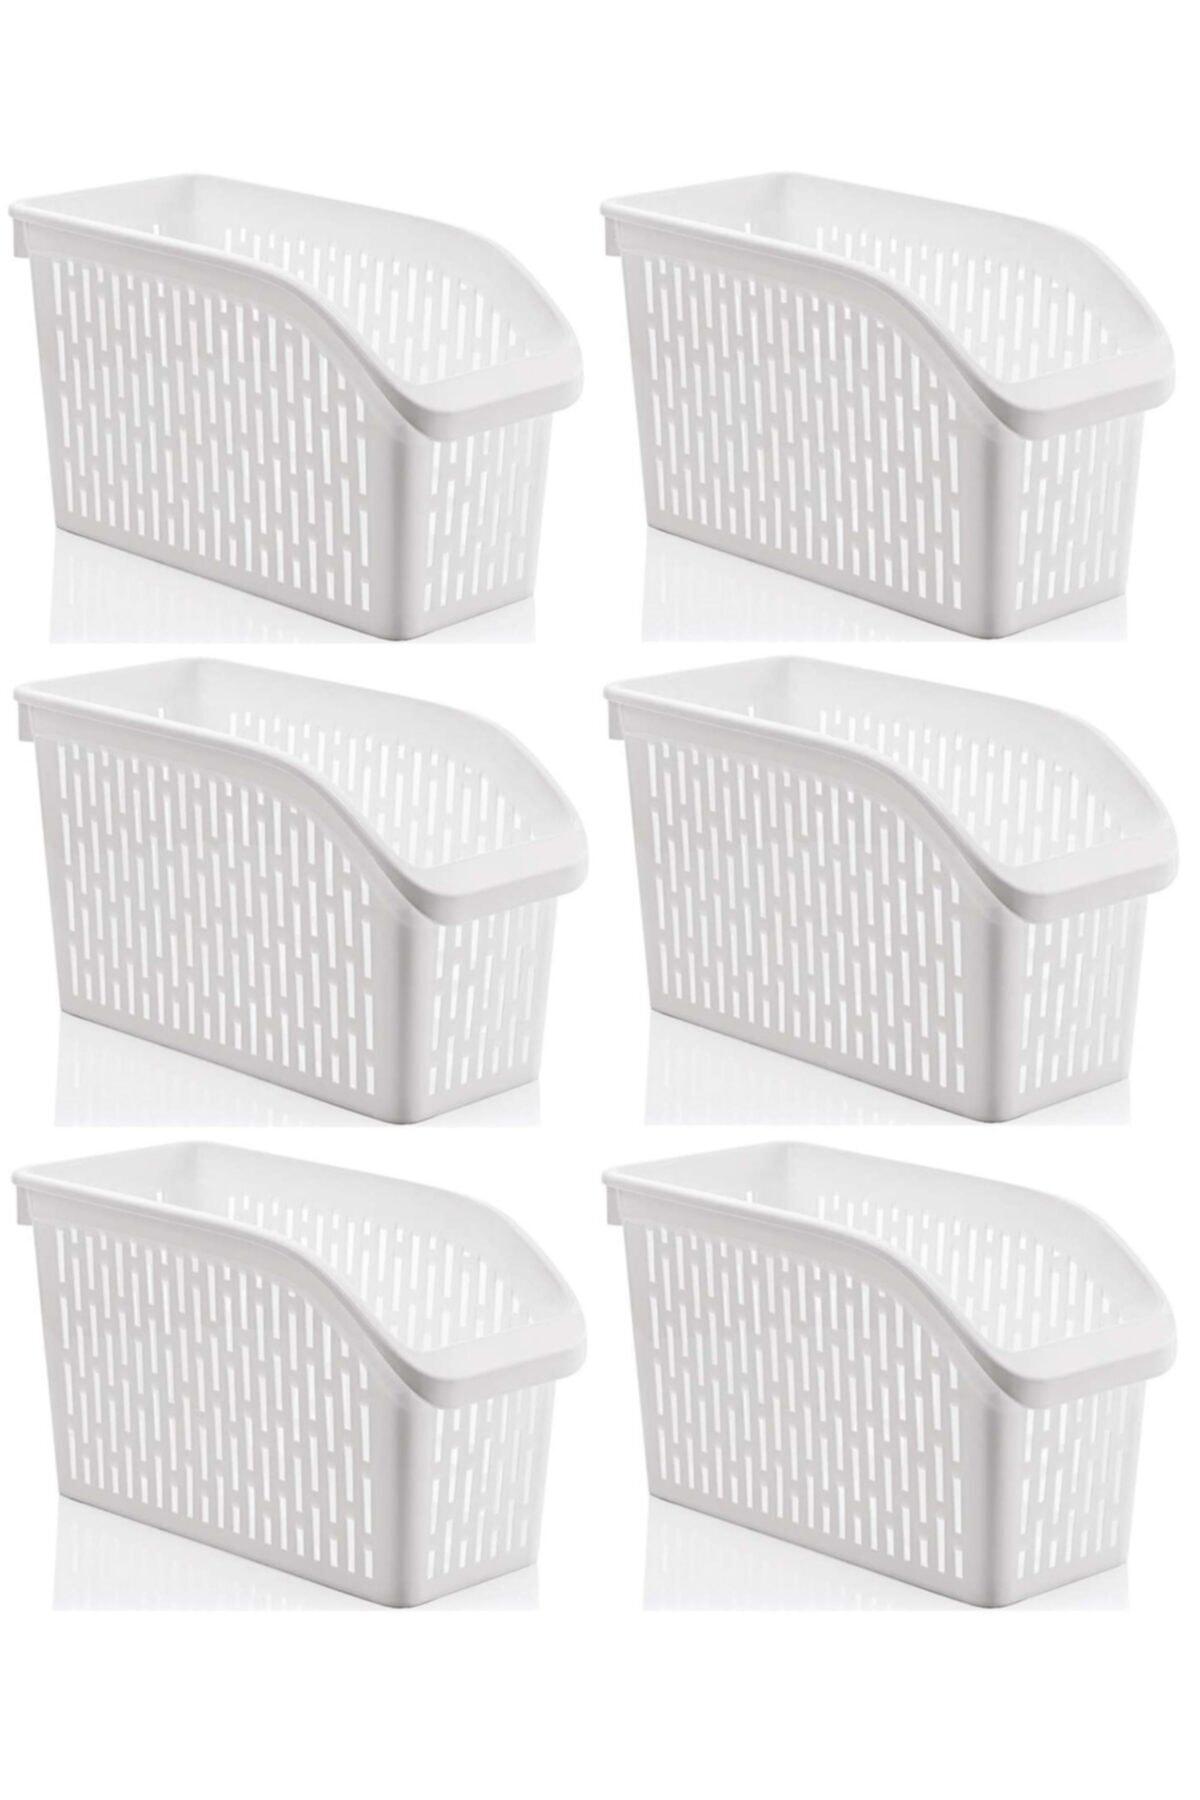 Sas Buzdolabı Sepeti Dolap Içi Düzenleyici Sepet Organizer Beyaz 6 Adet 30x17x16 1